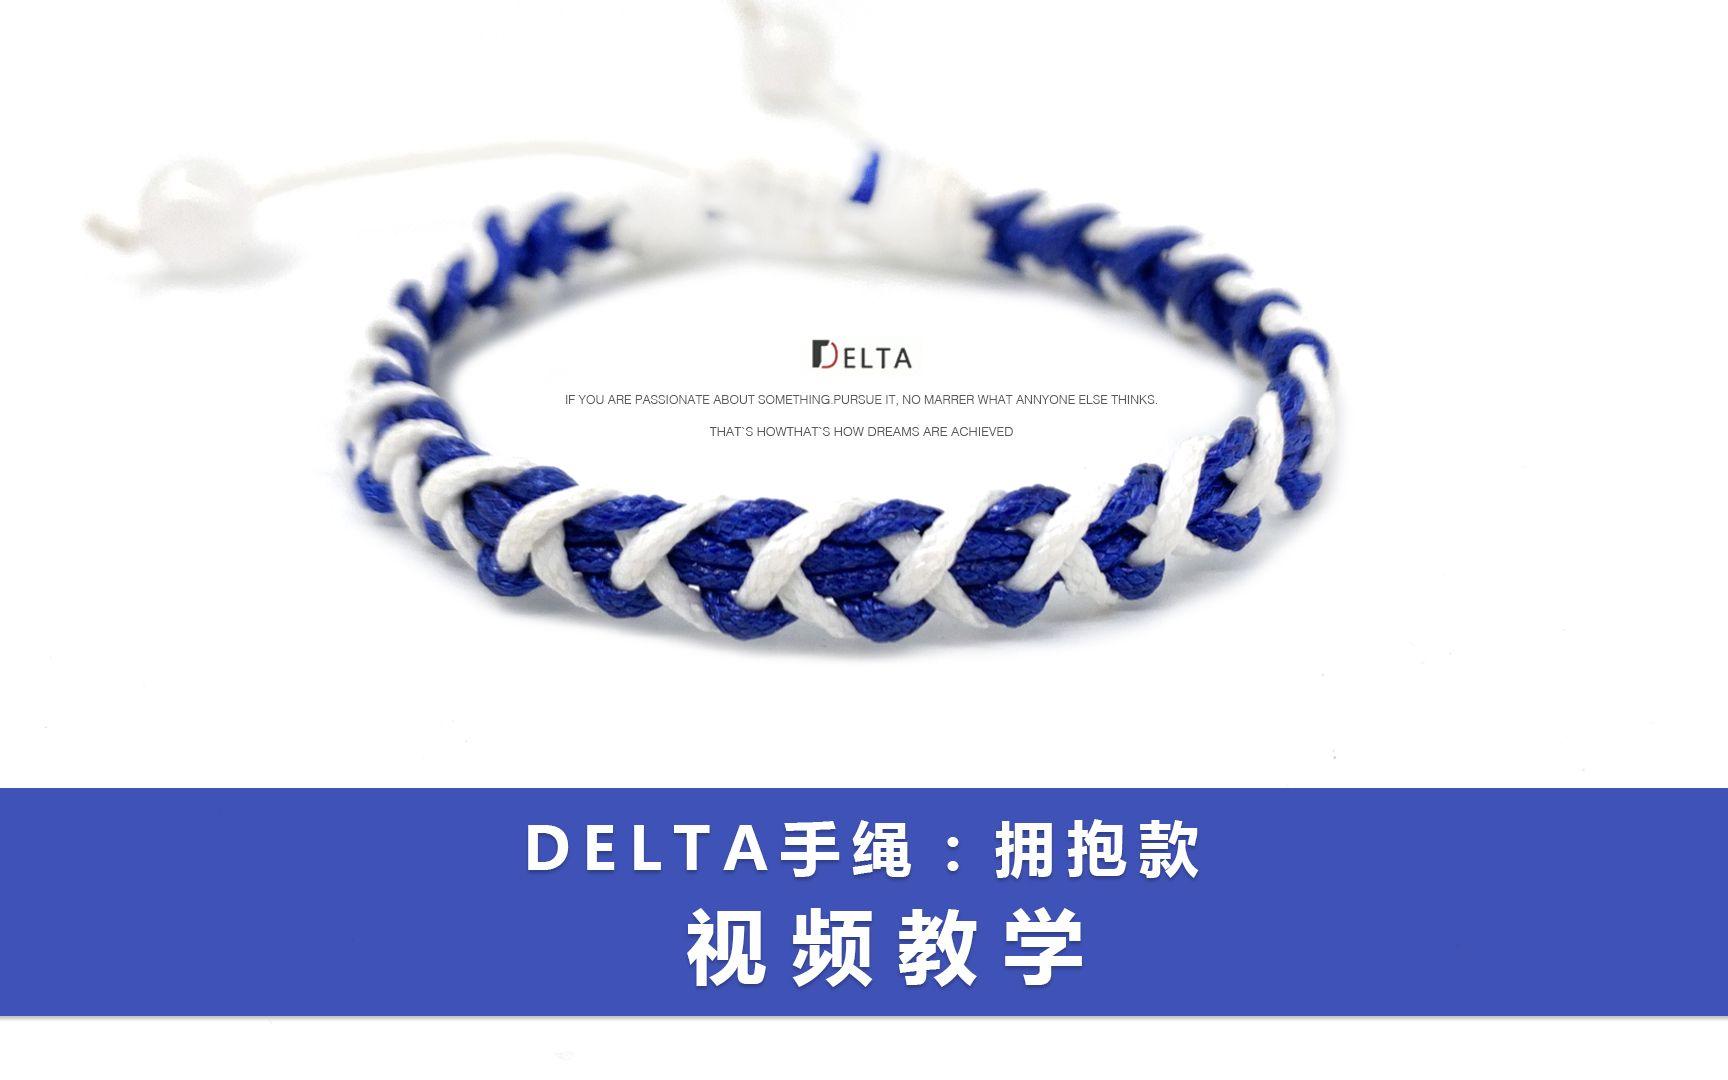 中国结论坛 【手绳编织教程】Delta原创饰品设计 拥抱款 教程 视频教程区 174655qpqobzzdzp4bddbf